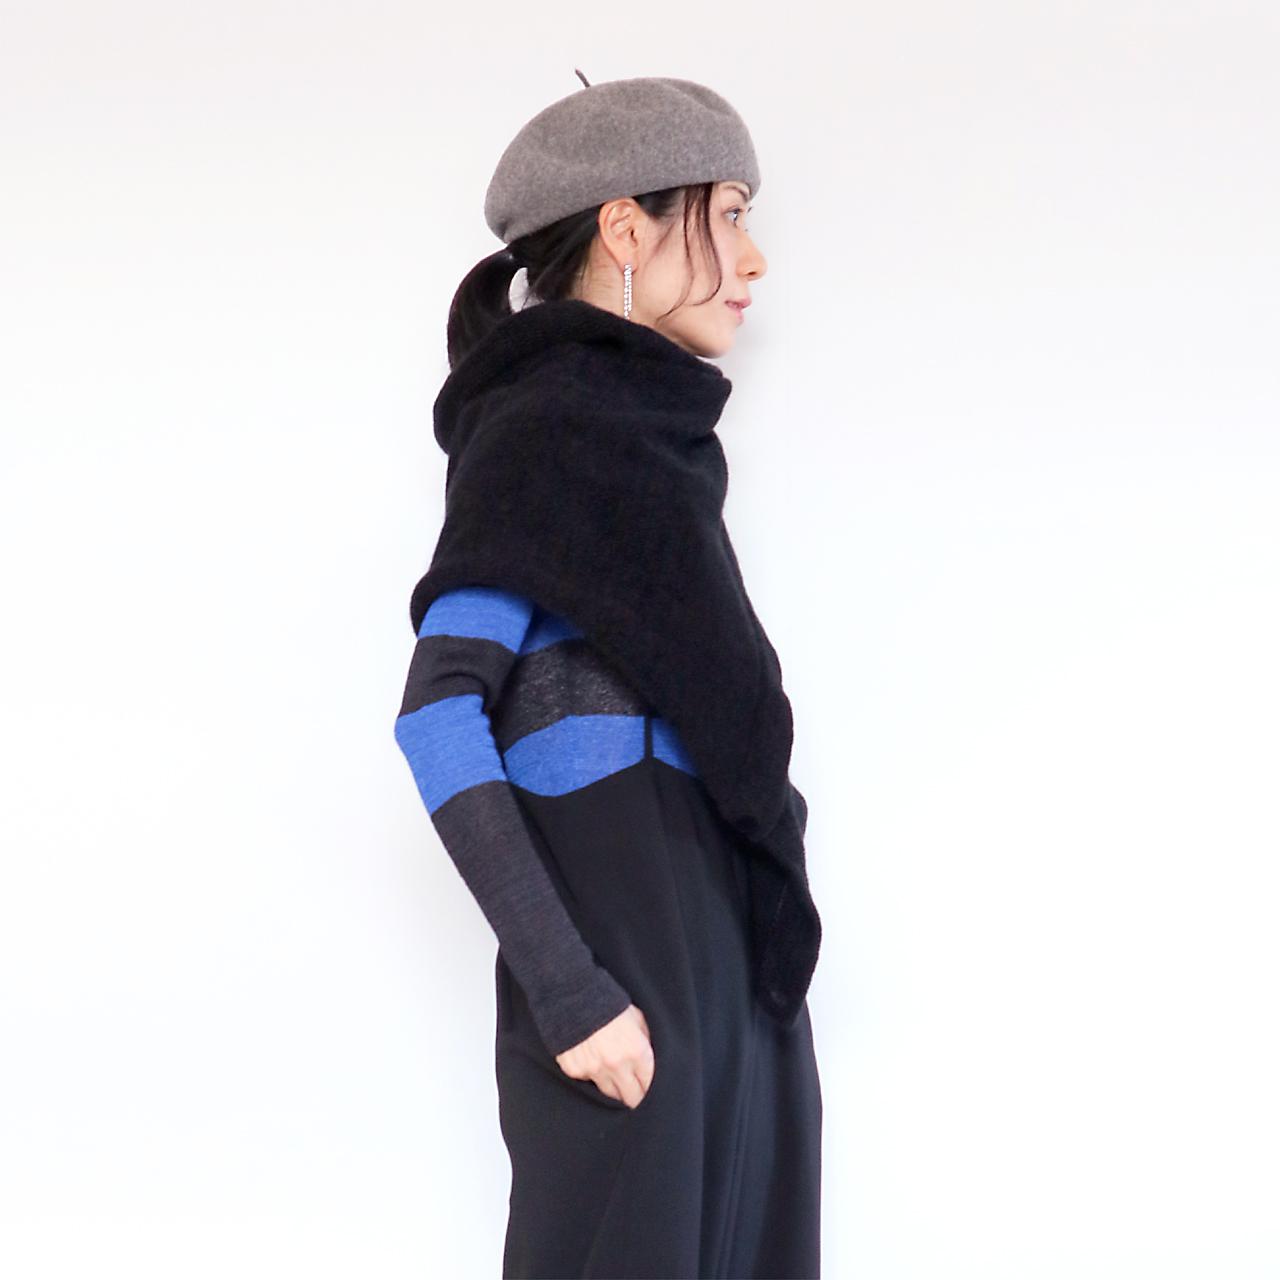 Phecda[フェクダ] シルクモール・ストール・ポンチョ2 / ブラック